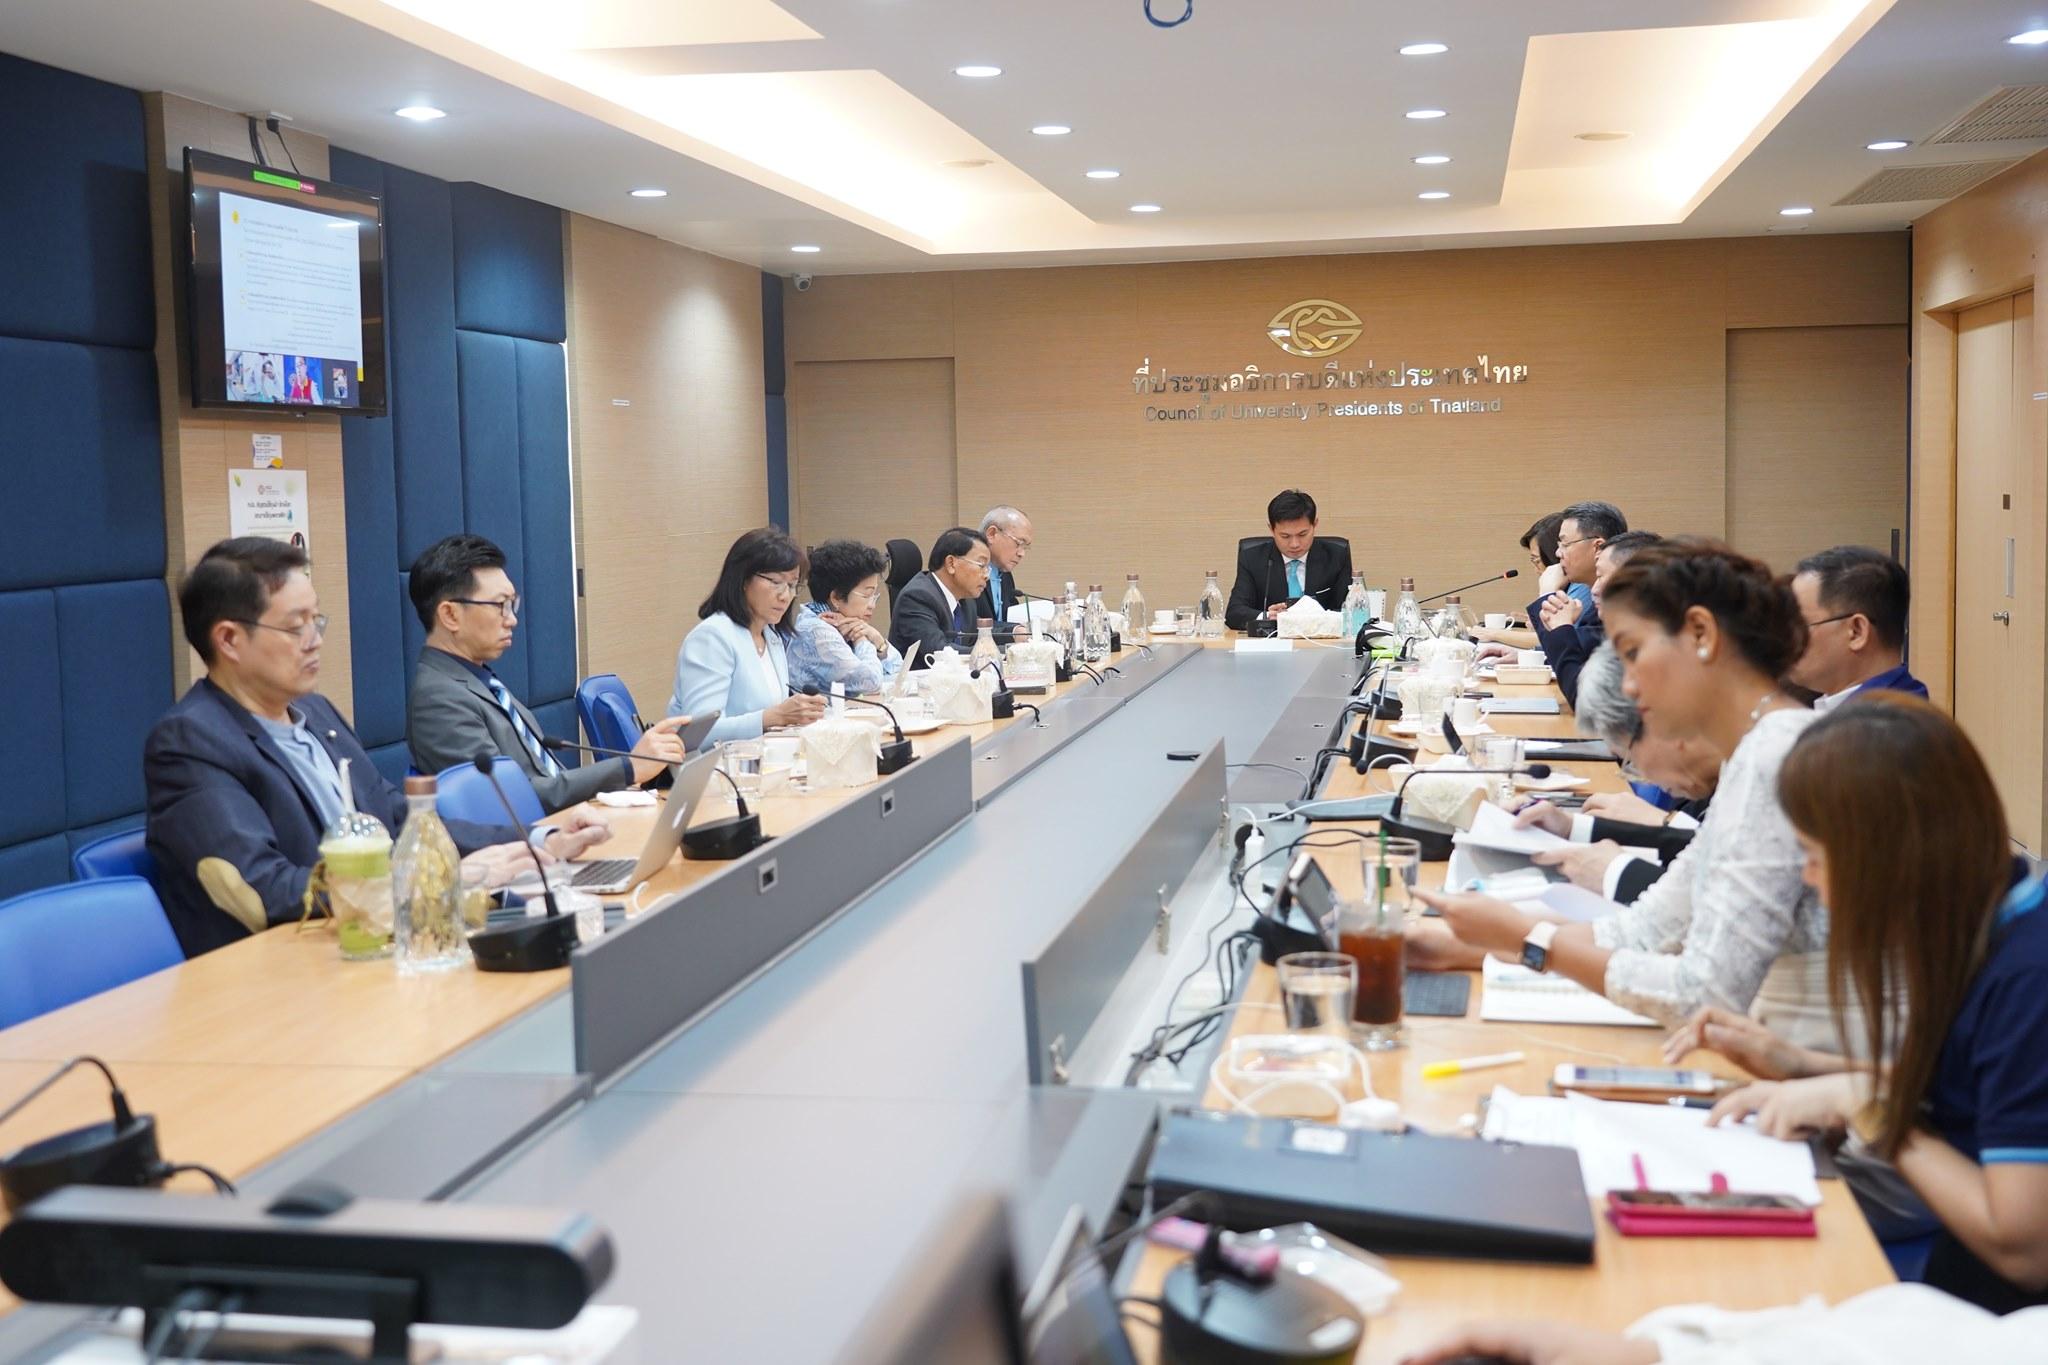 การประชุมคณะกรรมการบริหารสมาคมสถาบันการศึกษาขั้นอุดมแห่งภูมิภาคเอเชียตะวันออกเฉียงใต้ ประจำประเทศไทย (สออ.ประเทศไทย) ครั้งที่ 2/2563